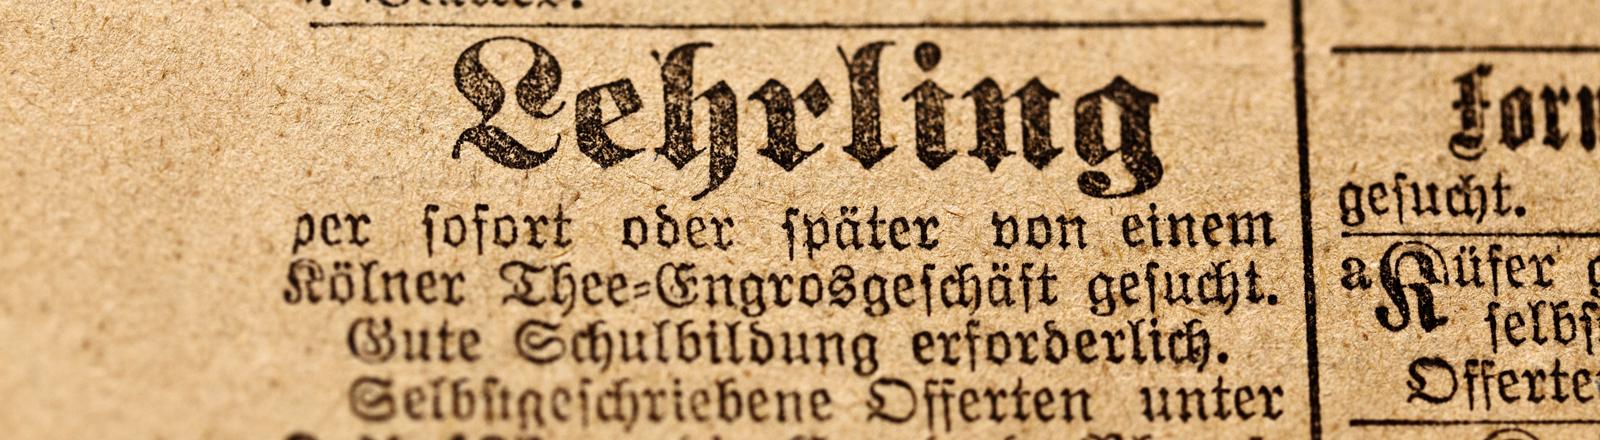 Stellenanzeige in altdeutscher Schrift